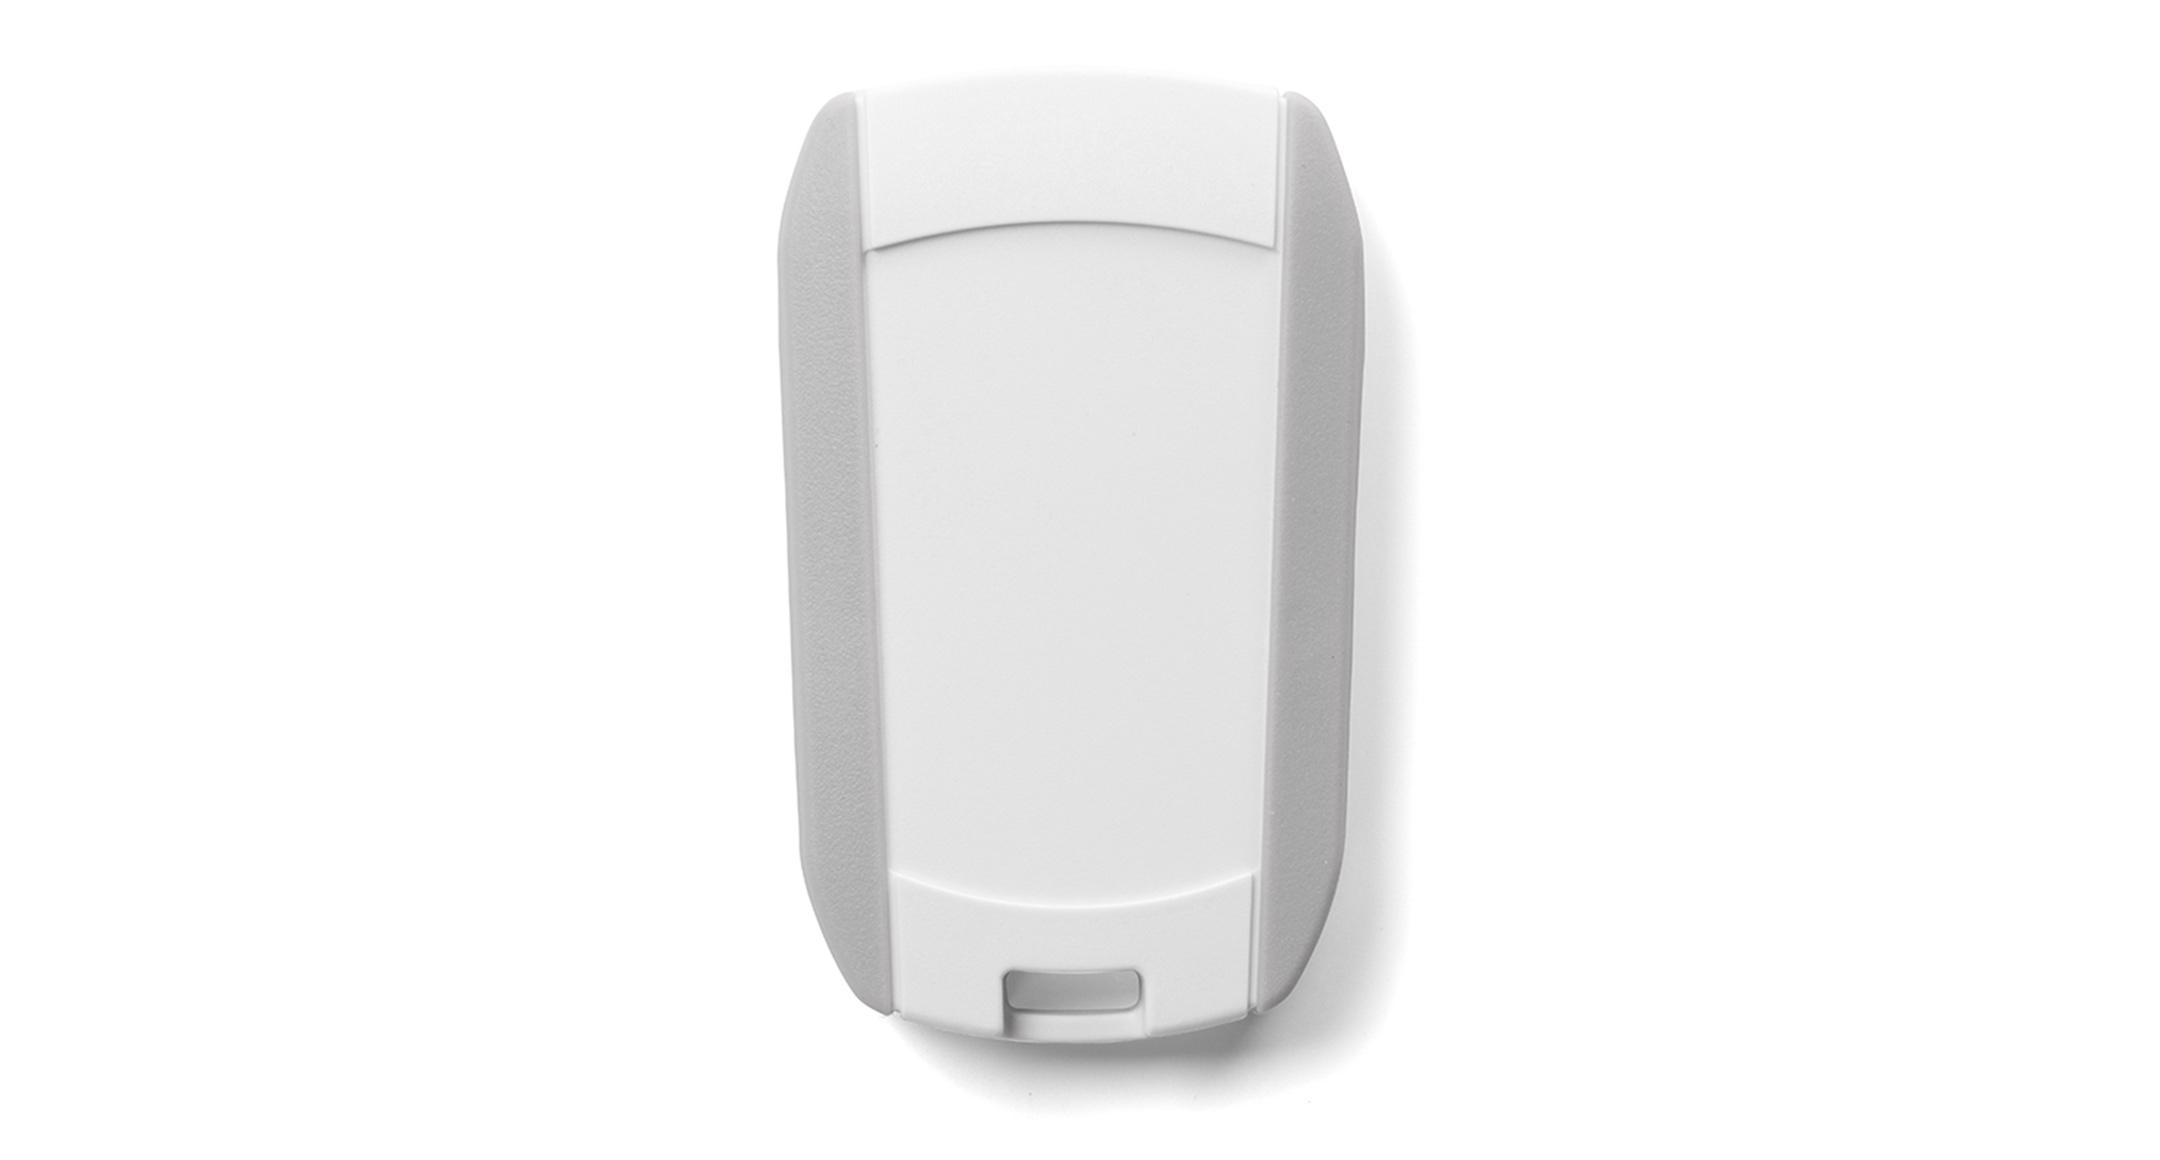 IP67 ポータブル防水ケース WCシリーズ:ホワイト/ライトグレーの画像